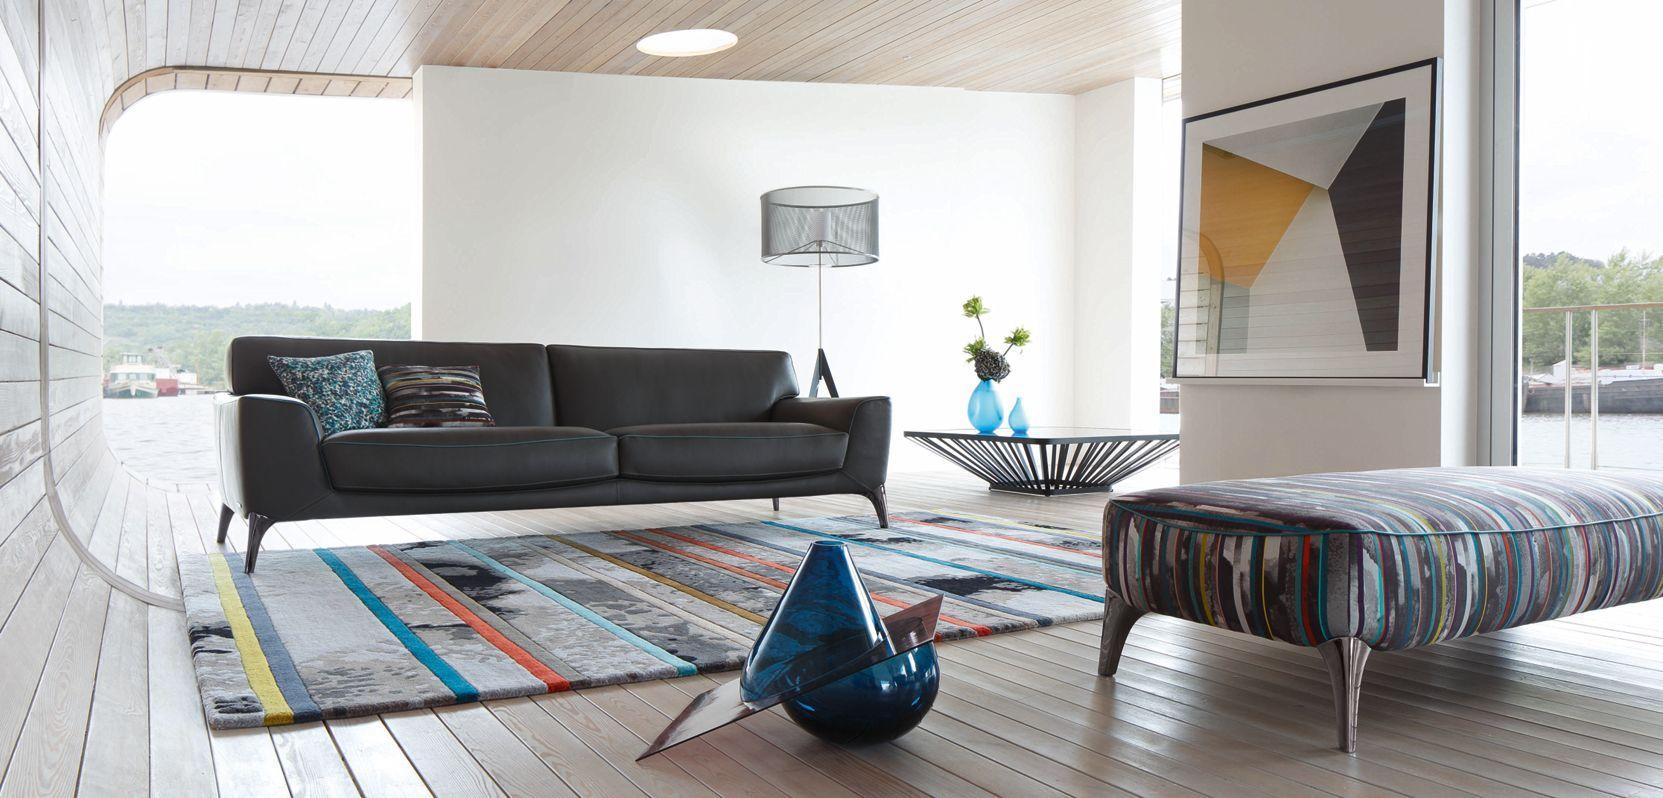 Iseo Large 3 Seat Sofa Roche Bobois Mobilier De Salon Rochebobois Decoration Maison